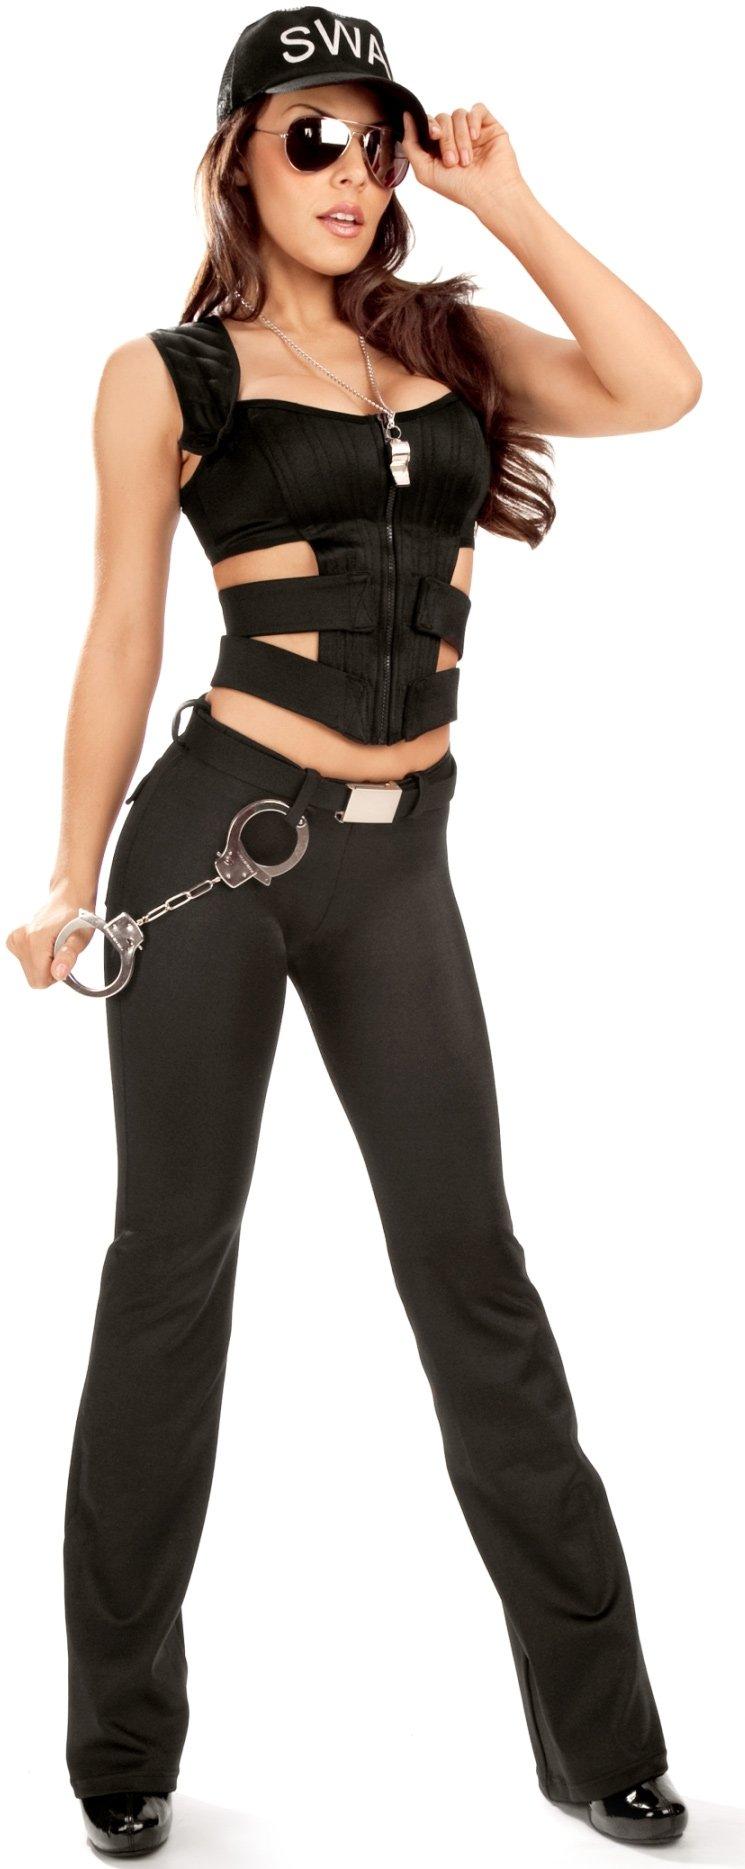 0b2c85c29dc Ladies Swat Costume & SWAT Womens Costume Sc 1 St Costumes FC